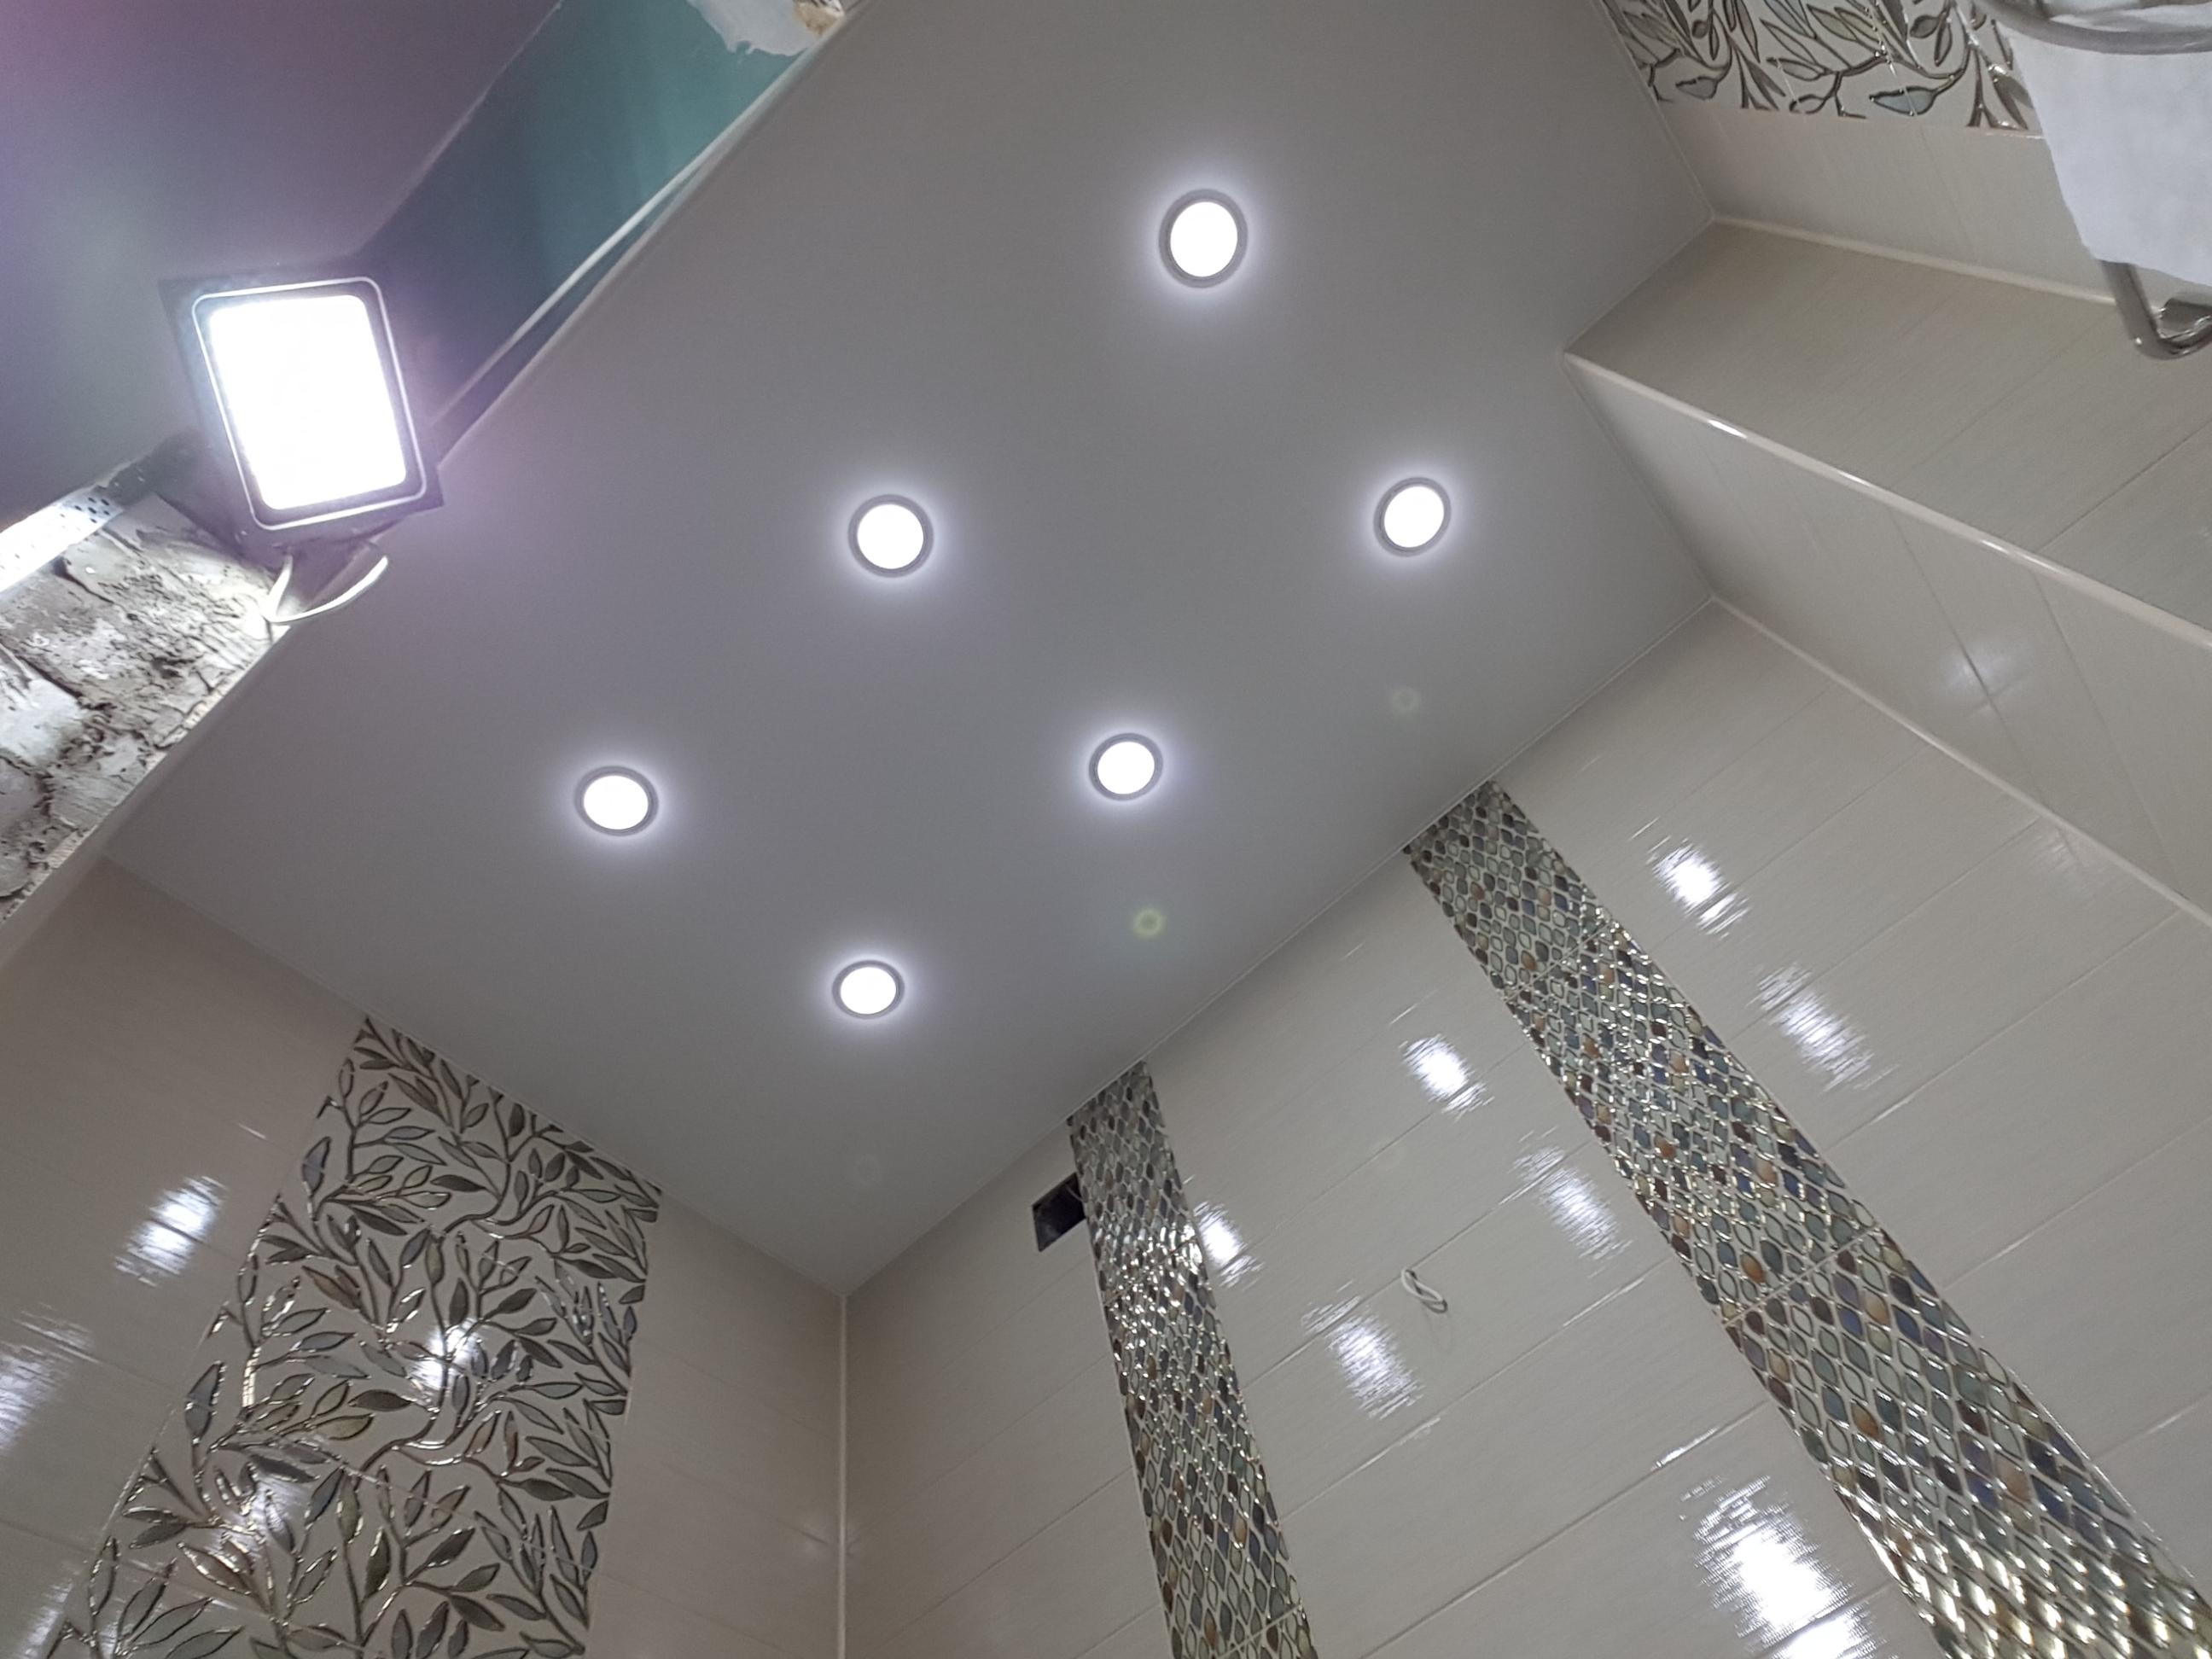 Современный потолок бесшовный с точечными светильниками, площадь помещения 9 кв.м